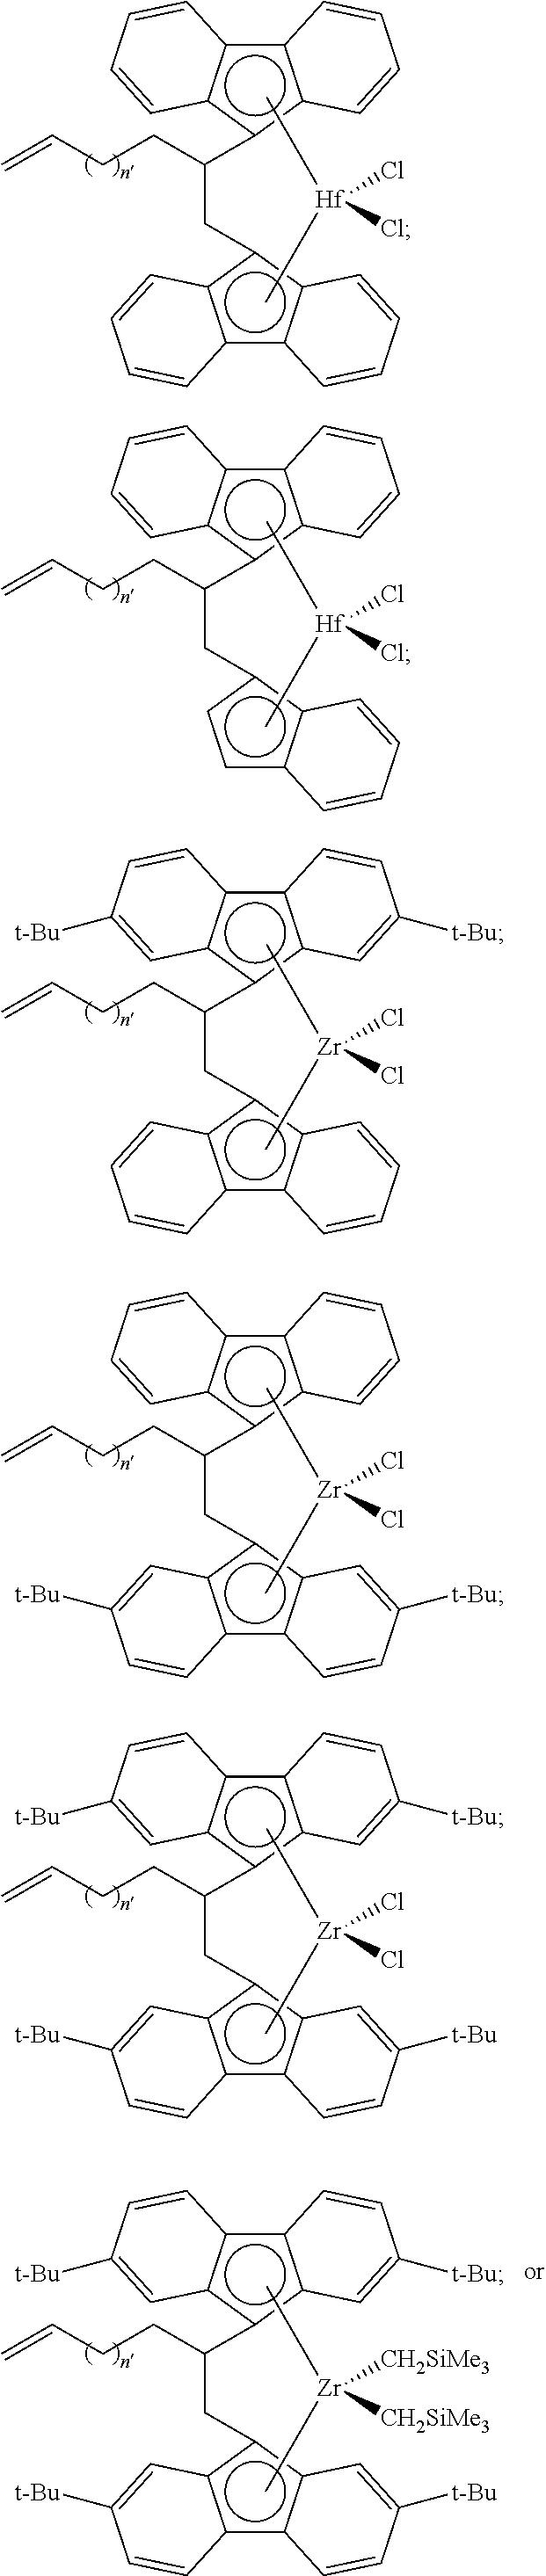 Figure US07884163-20110208-C00014